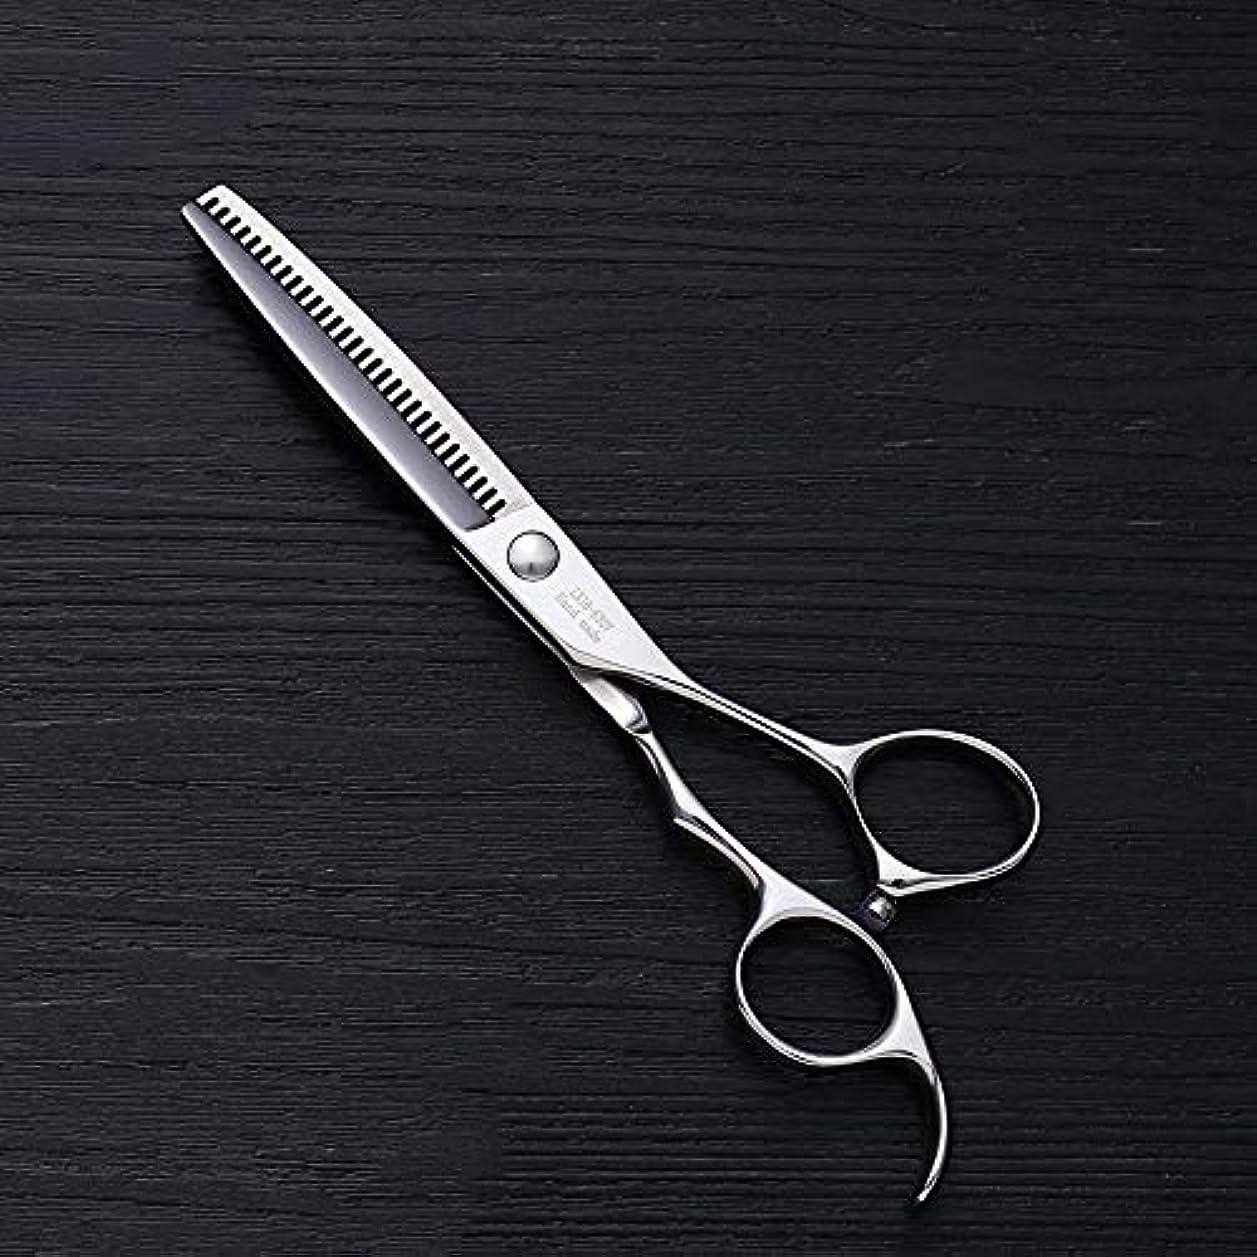 タイルストロークラッカス理髪用はさみ 6インチ美容院プロの理髪はさみ、V型30歯散髪はさみ散髪はさみステンレス理髪はさみ (色 : Silver)